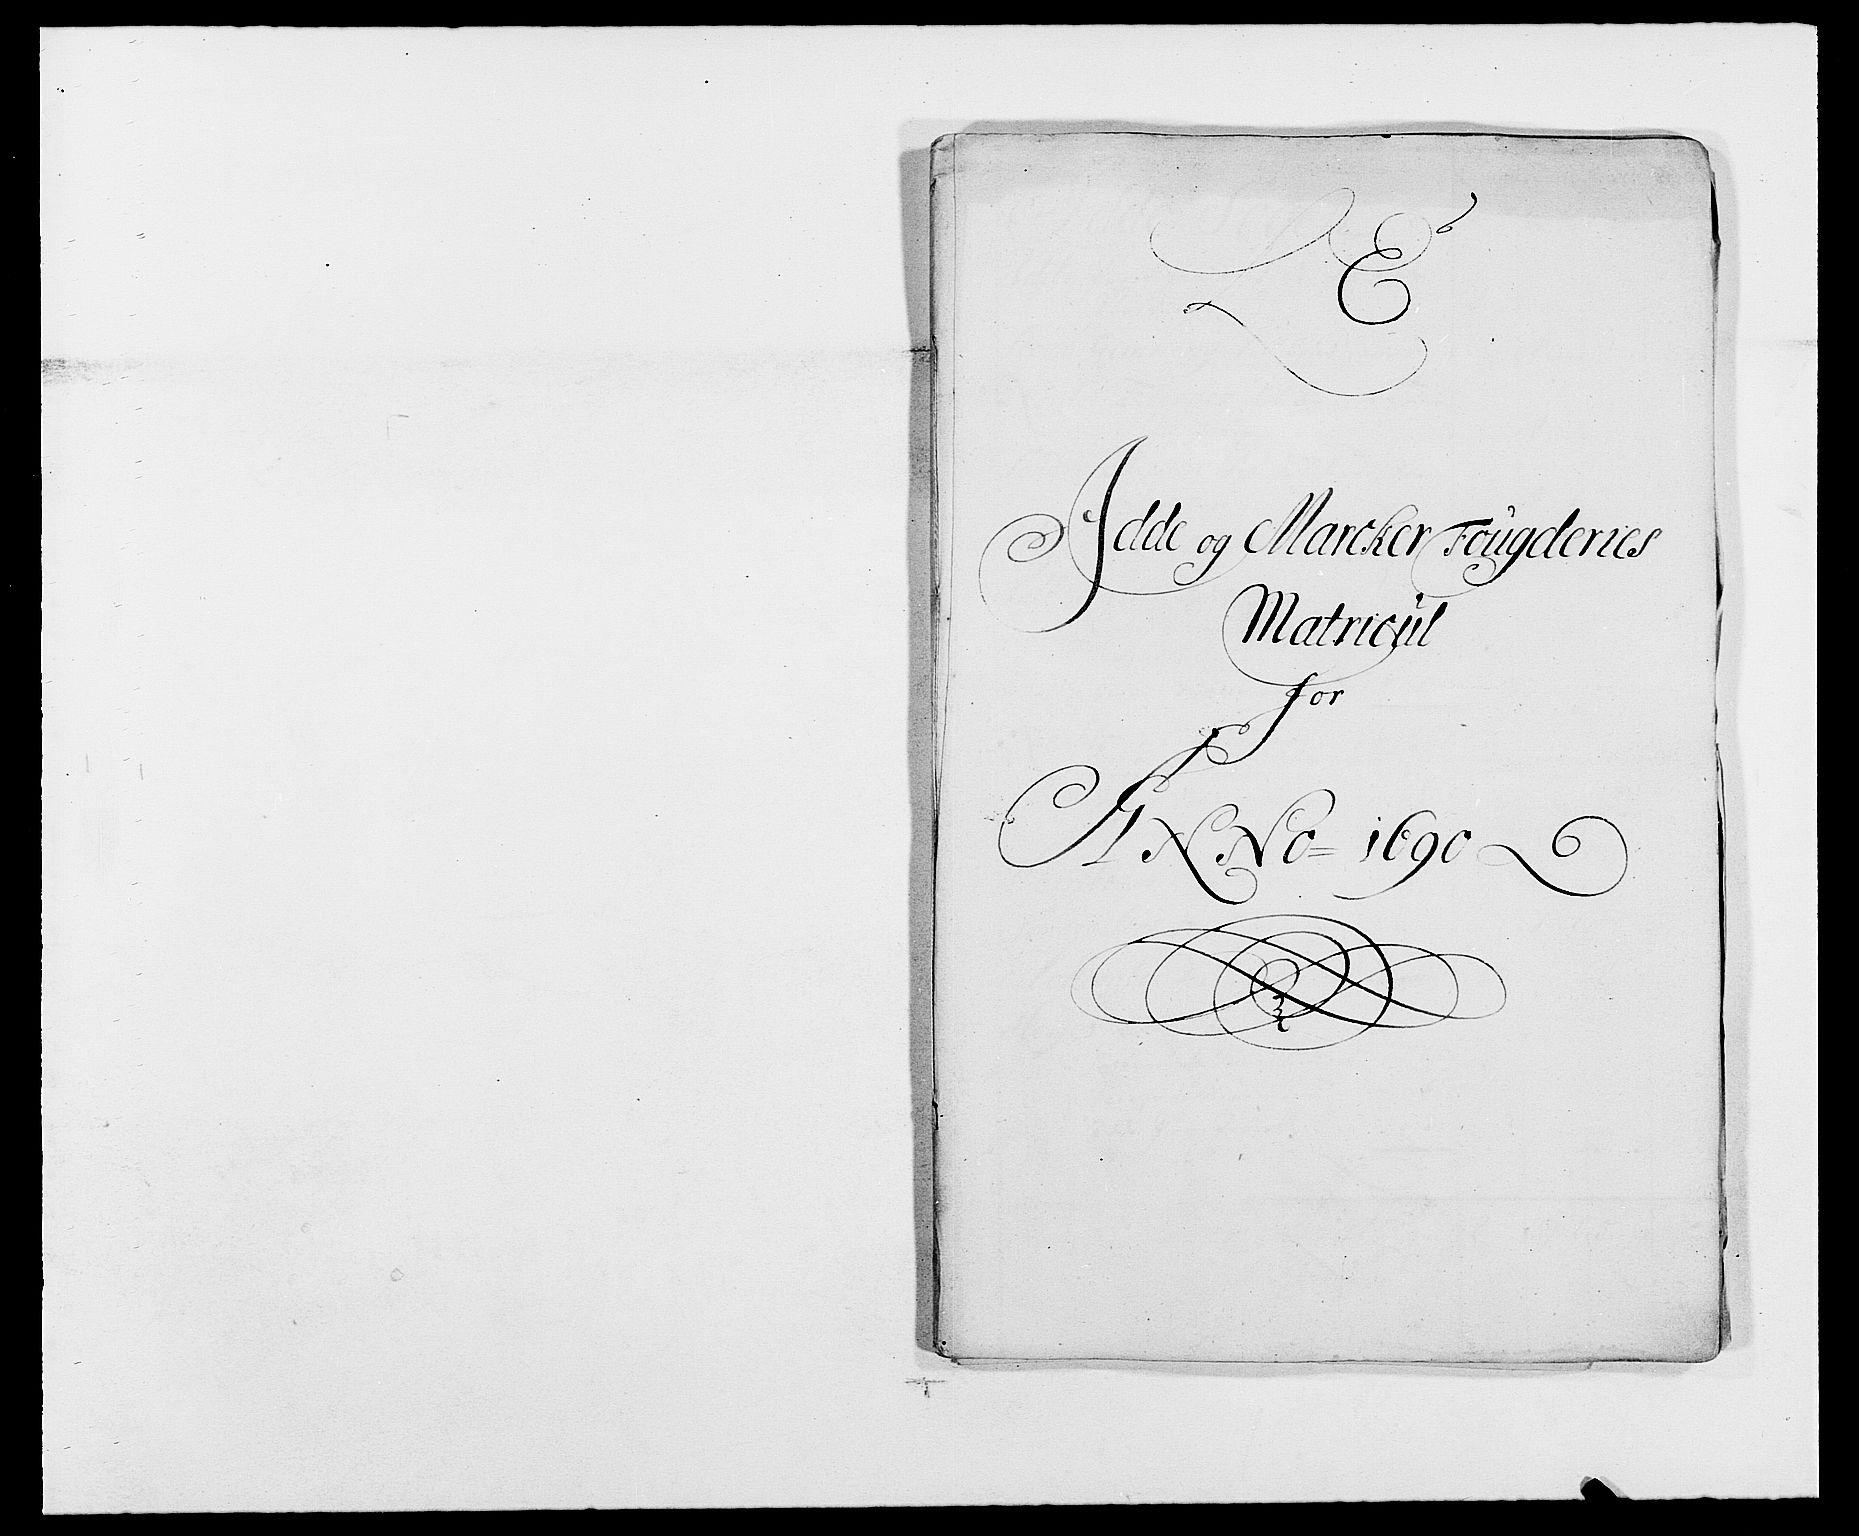 RA, Rentekammeret inntil 1814, Reviderte regnskaper, Fogderegnskap, R01/L0010: Fogderegnskap Idd og Marker, 1690-1691, s. 201